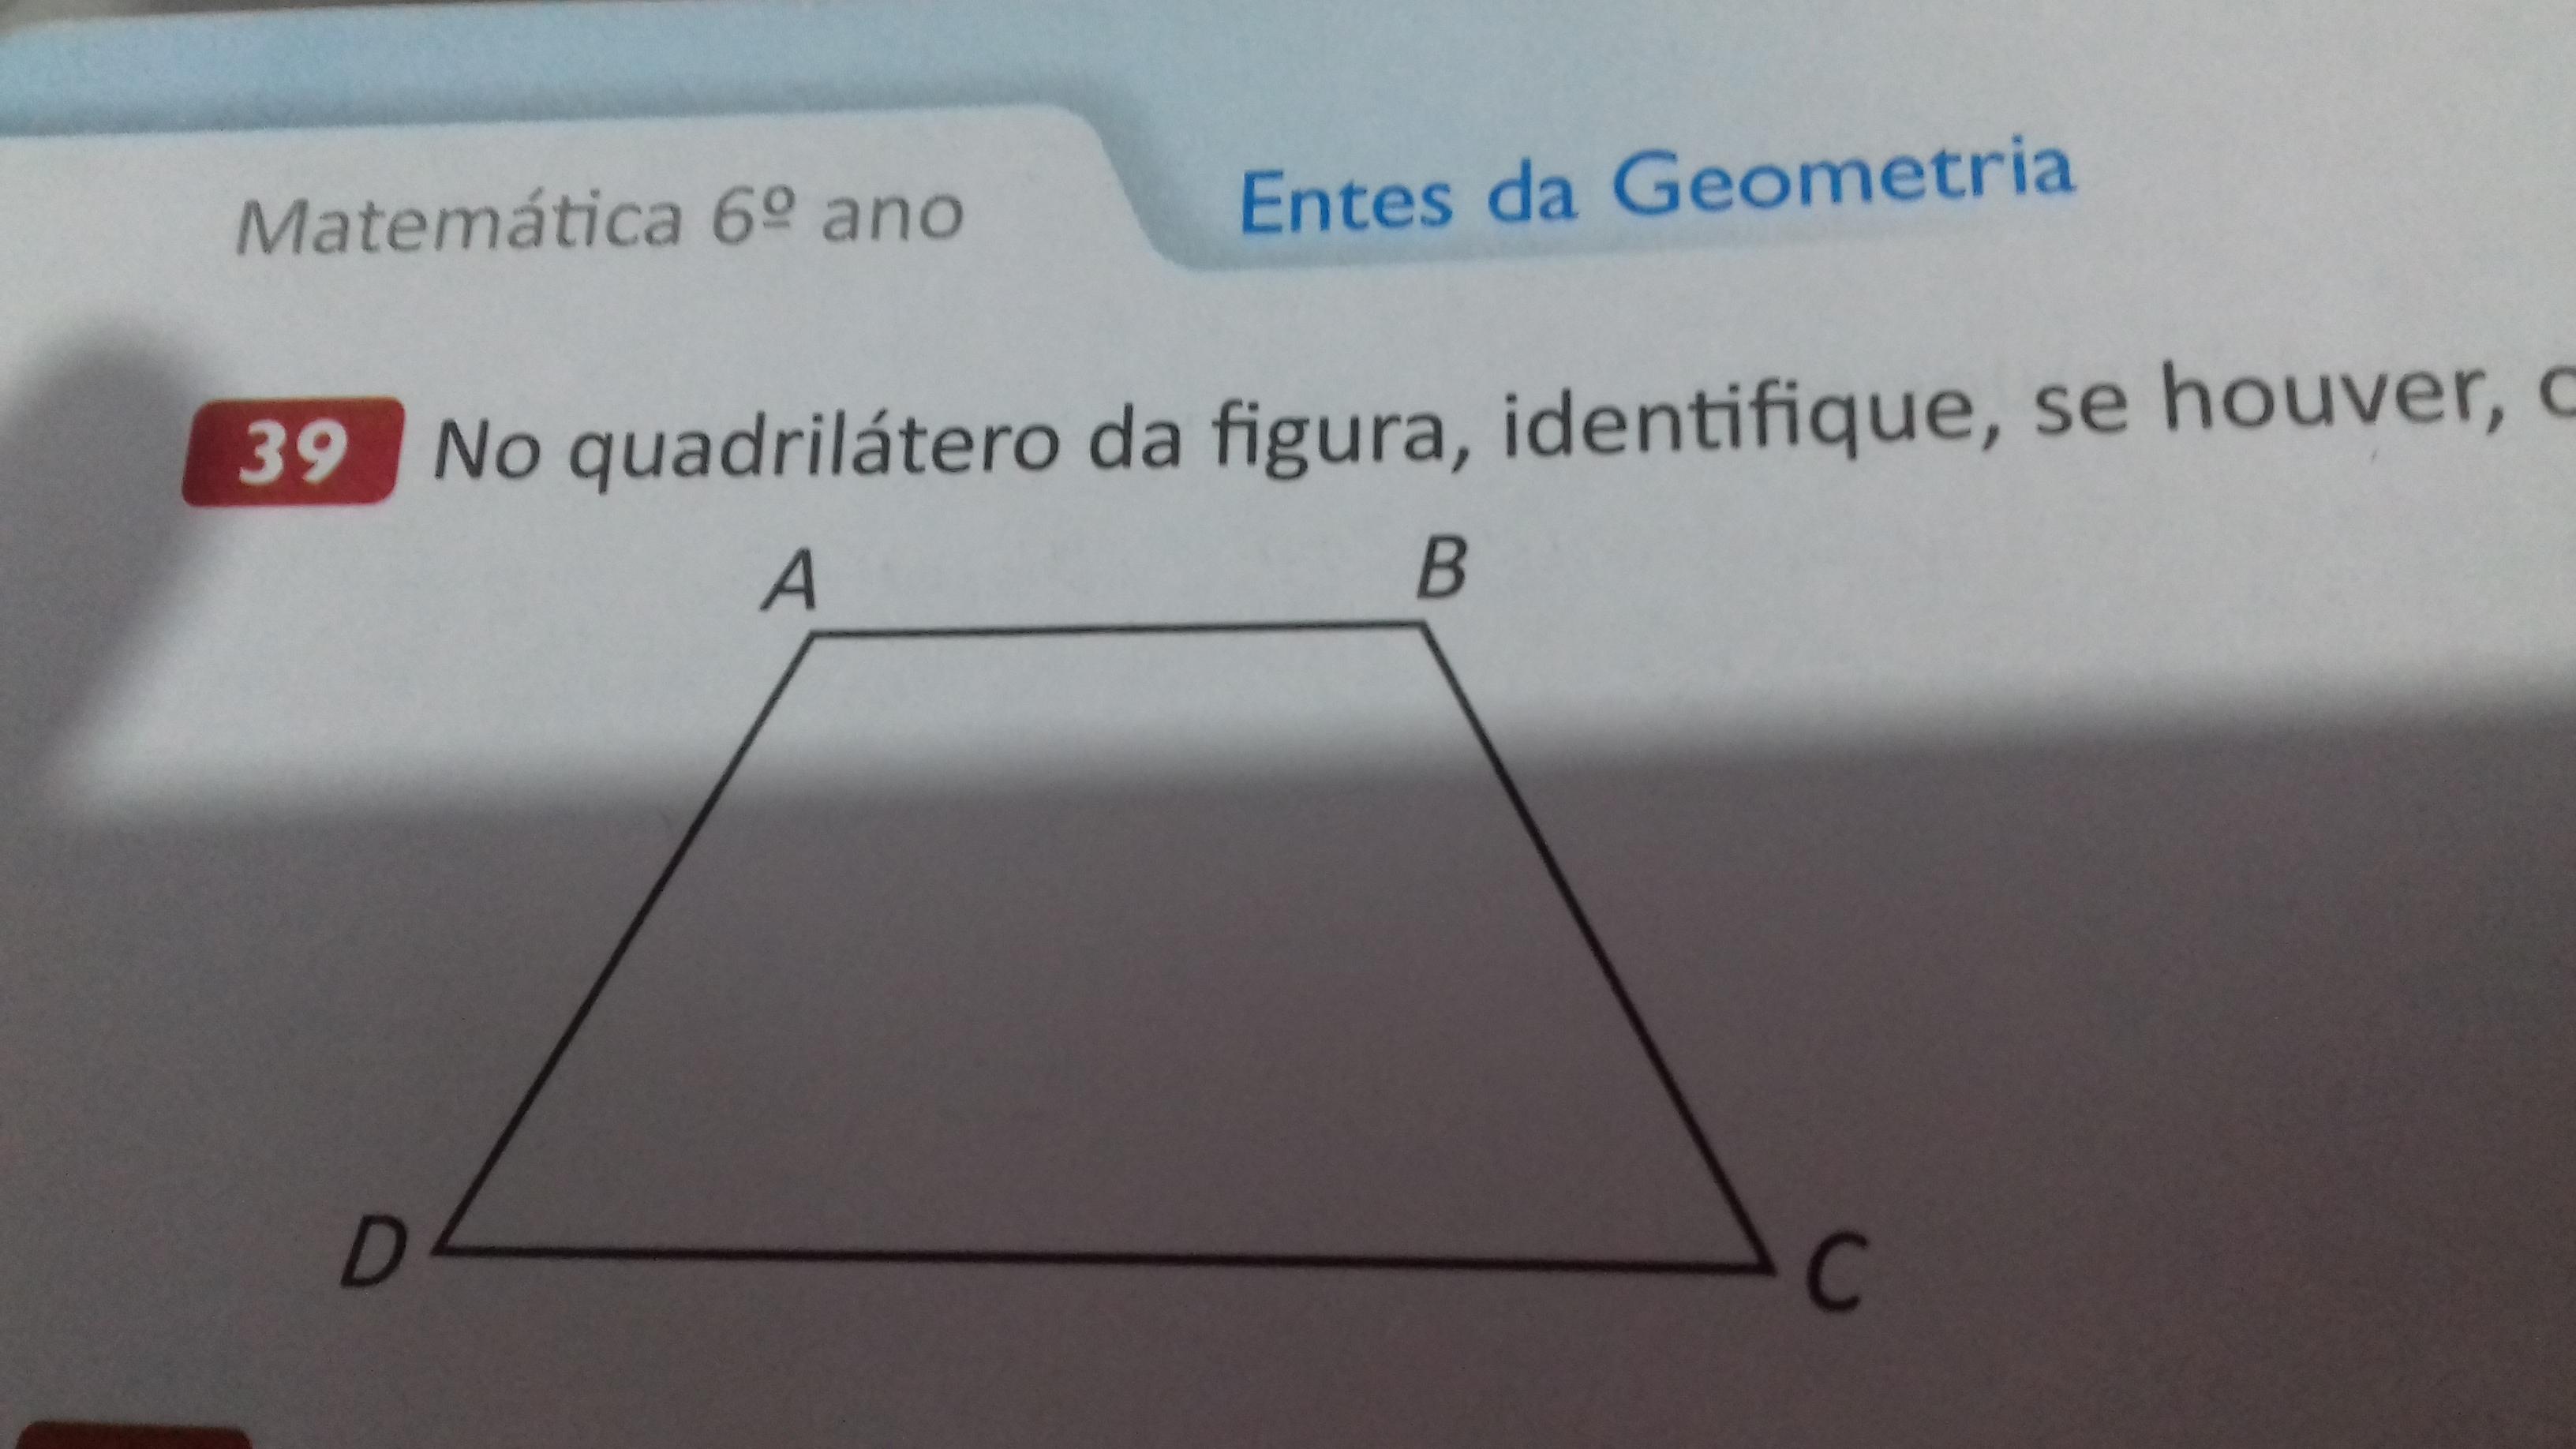 no quadrilátero da figura identifique se houver os ângulos agudo